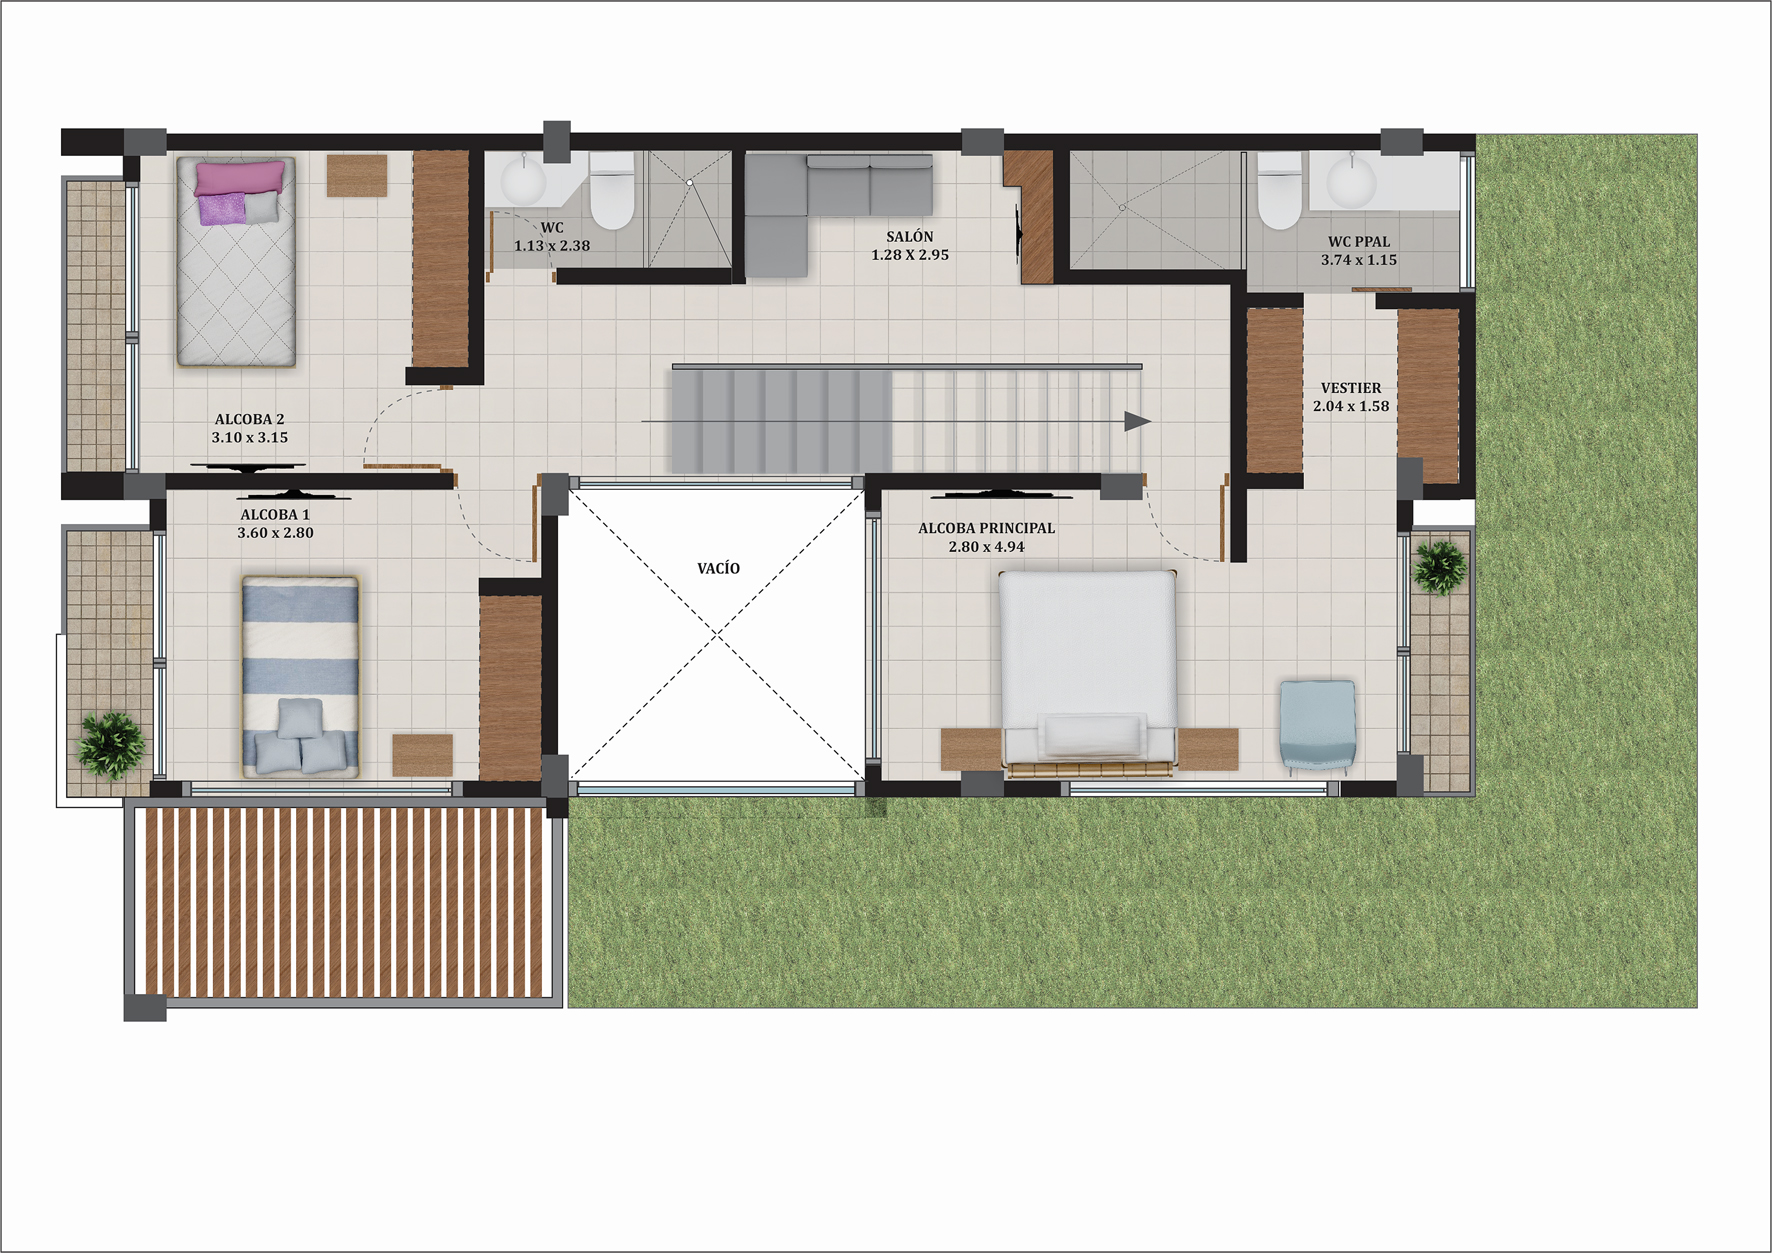 Casa Premium tipo A, segundo nivel